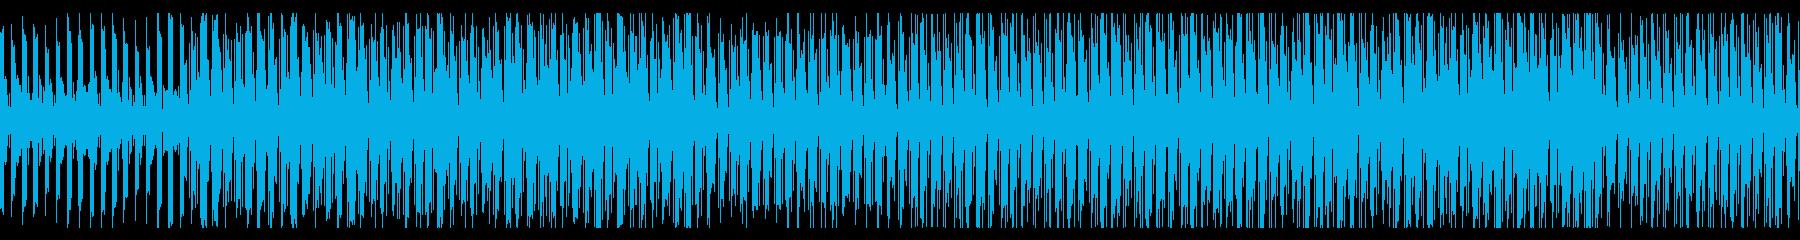 退屈でけだるげな日常系BGMの再生済みの波形